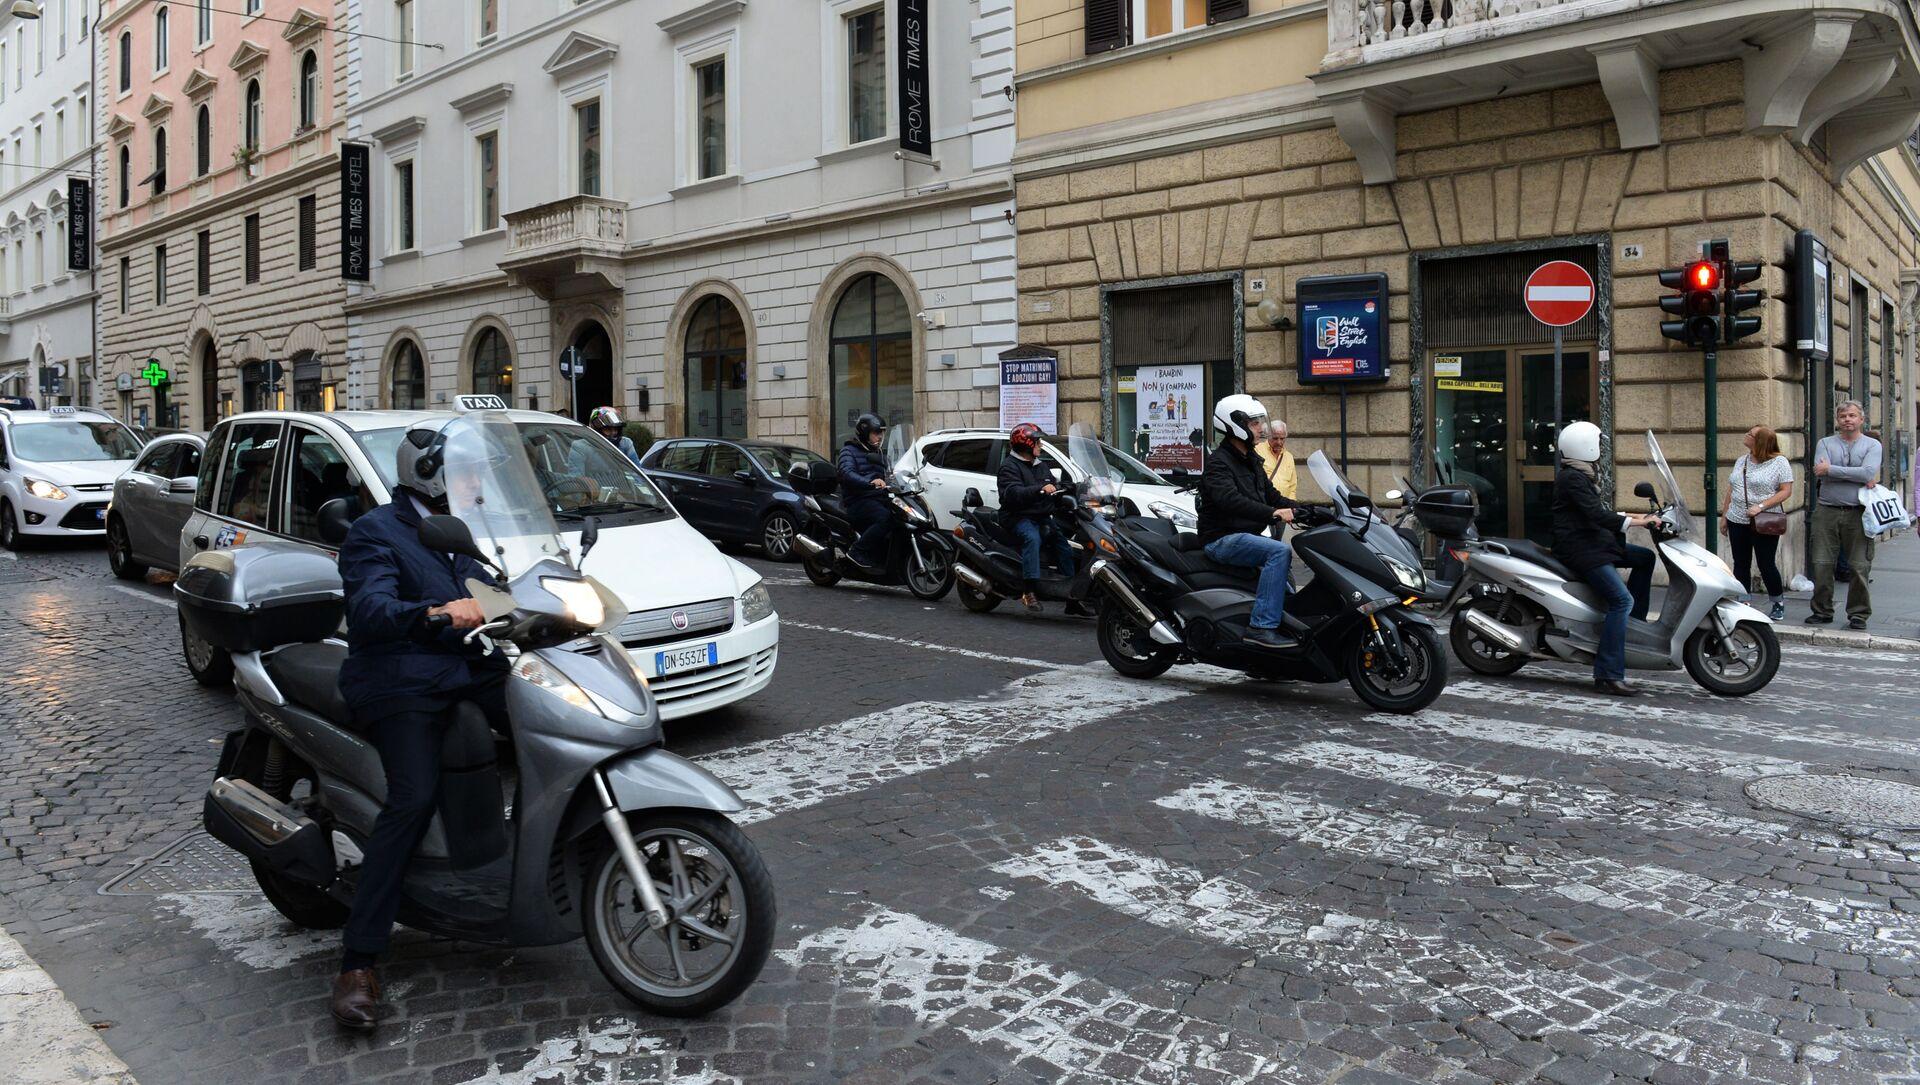 Traffico in una via di Roma - Sputnik Italia, 1920, 12.03.2021